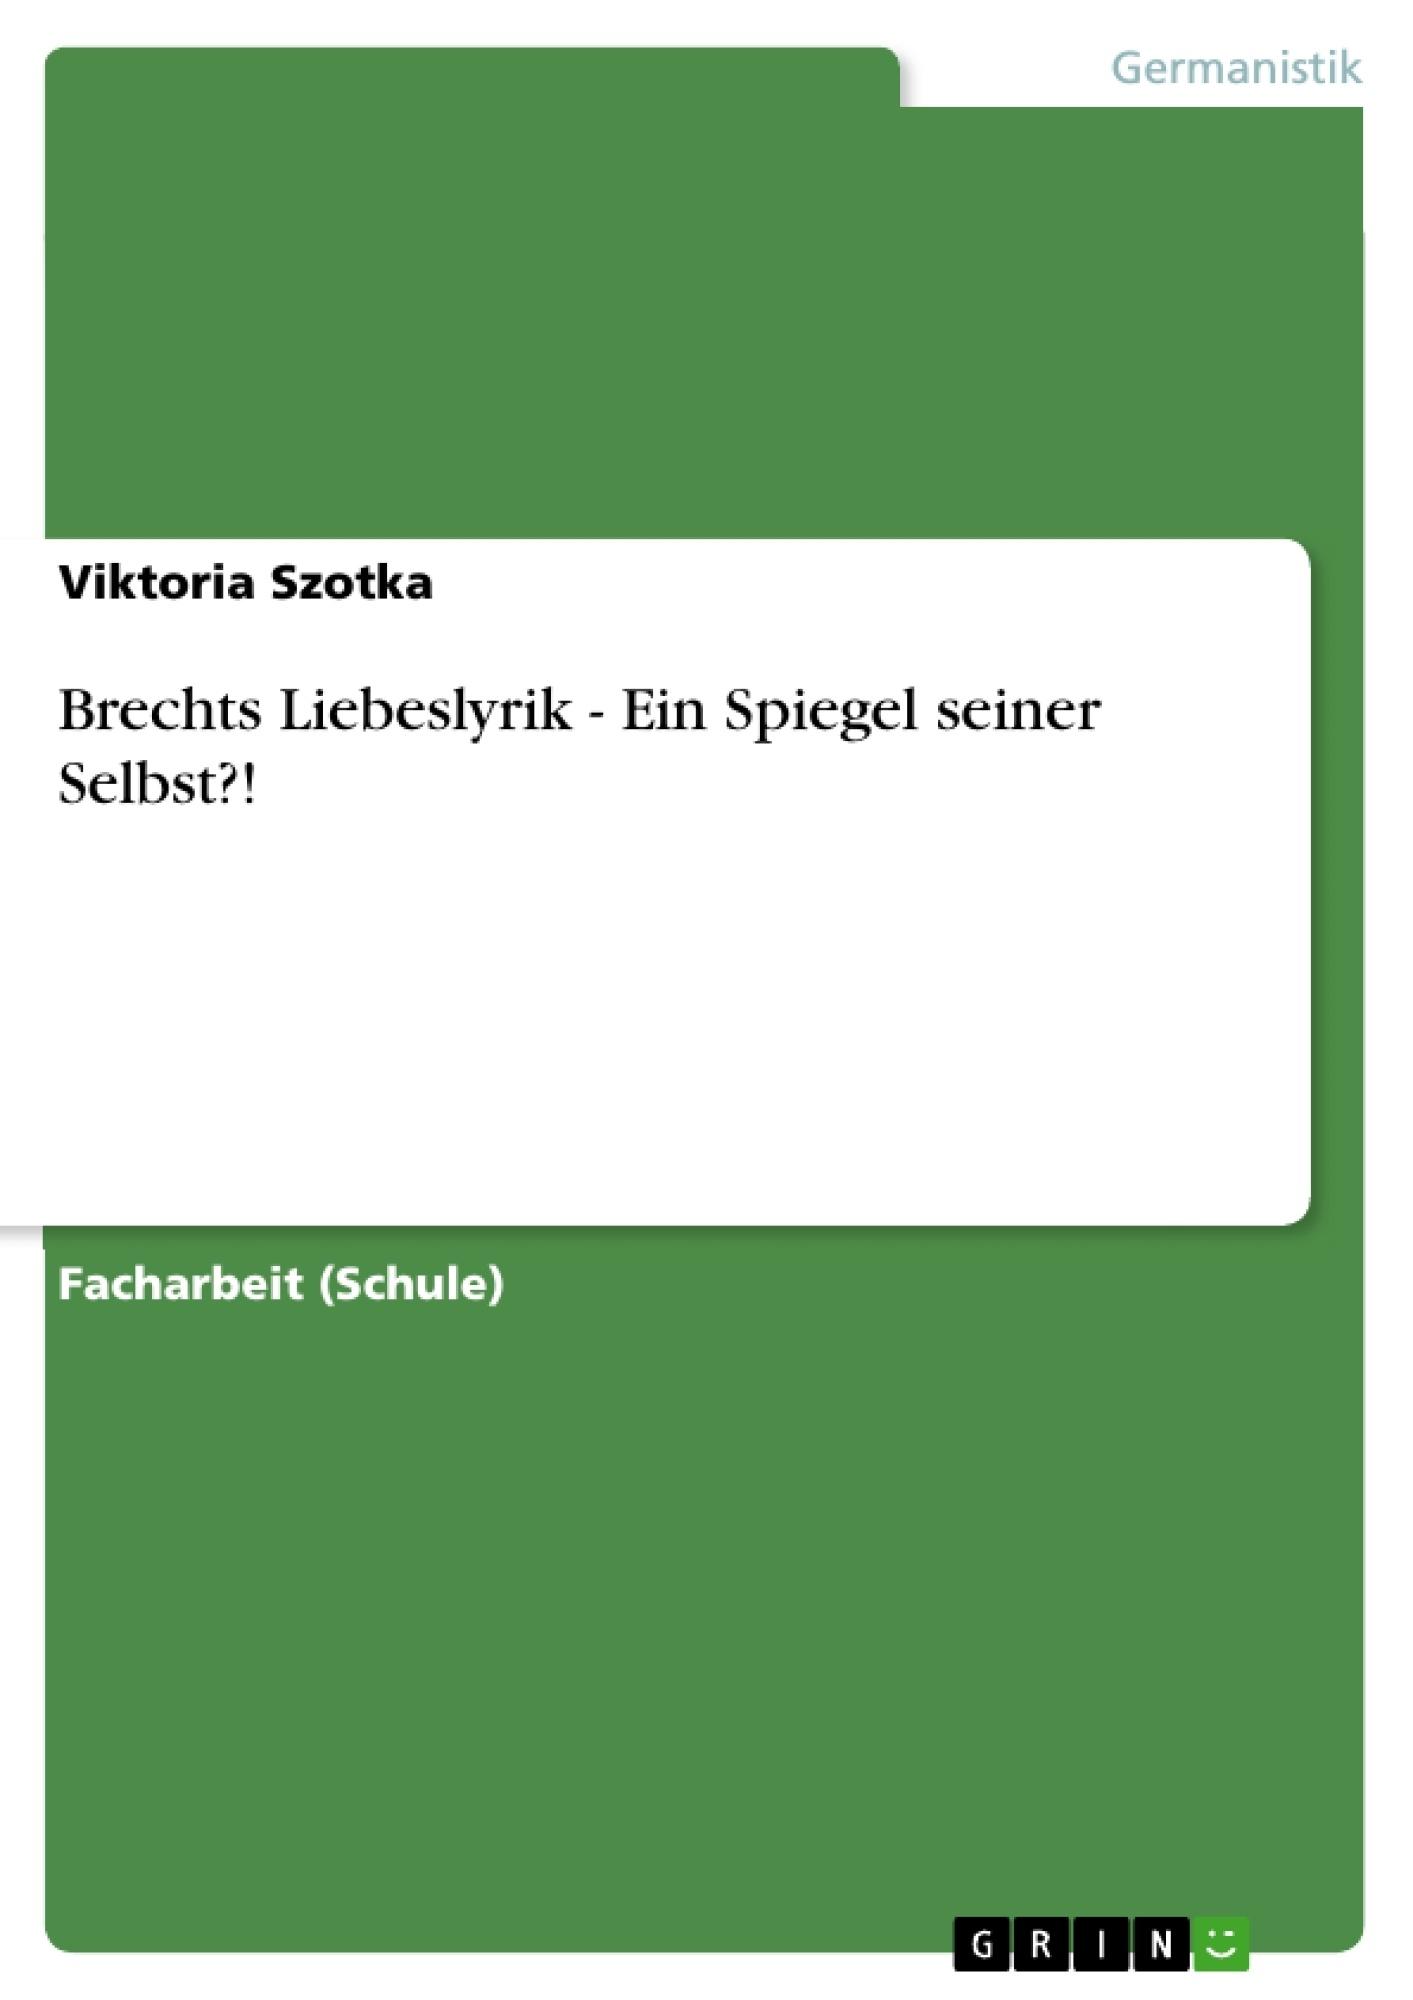 Titel: Brechts Liebeslyrik - Ein Spiegel seiner Selbst?!